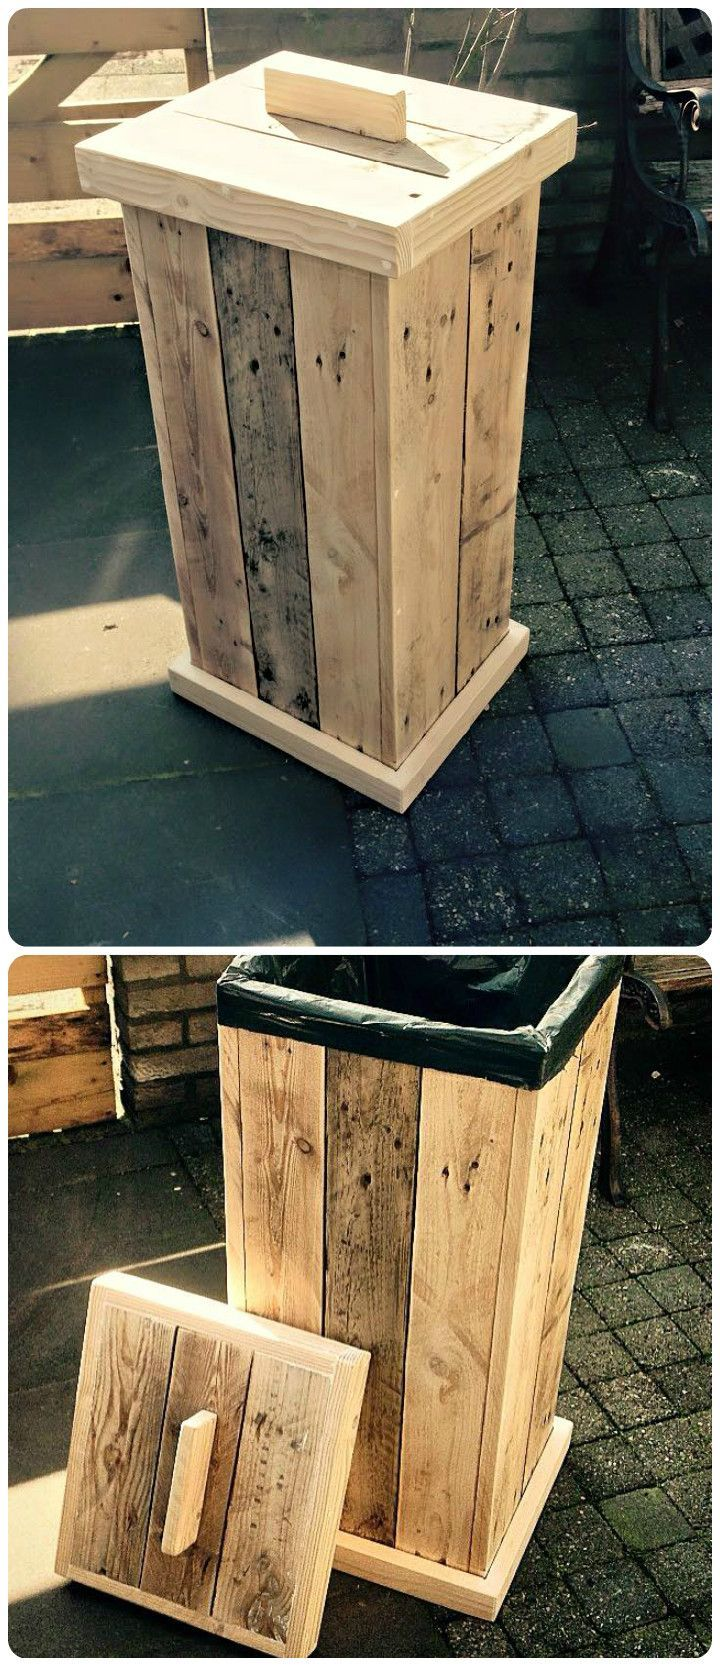 Paletas pueden ser utilizados para almacenar artículos diversos en y alrededor de su hogar o se convirtieron en una linterna de madera. Cualquier persona p